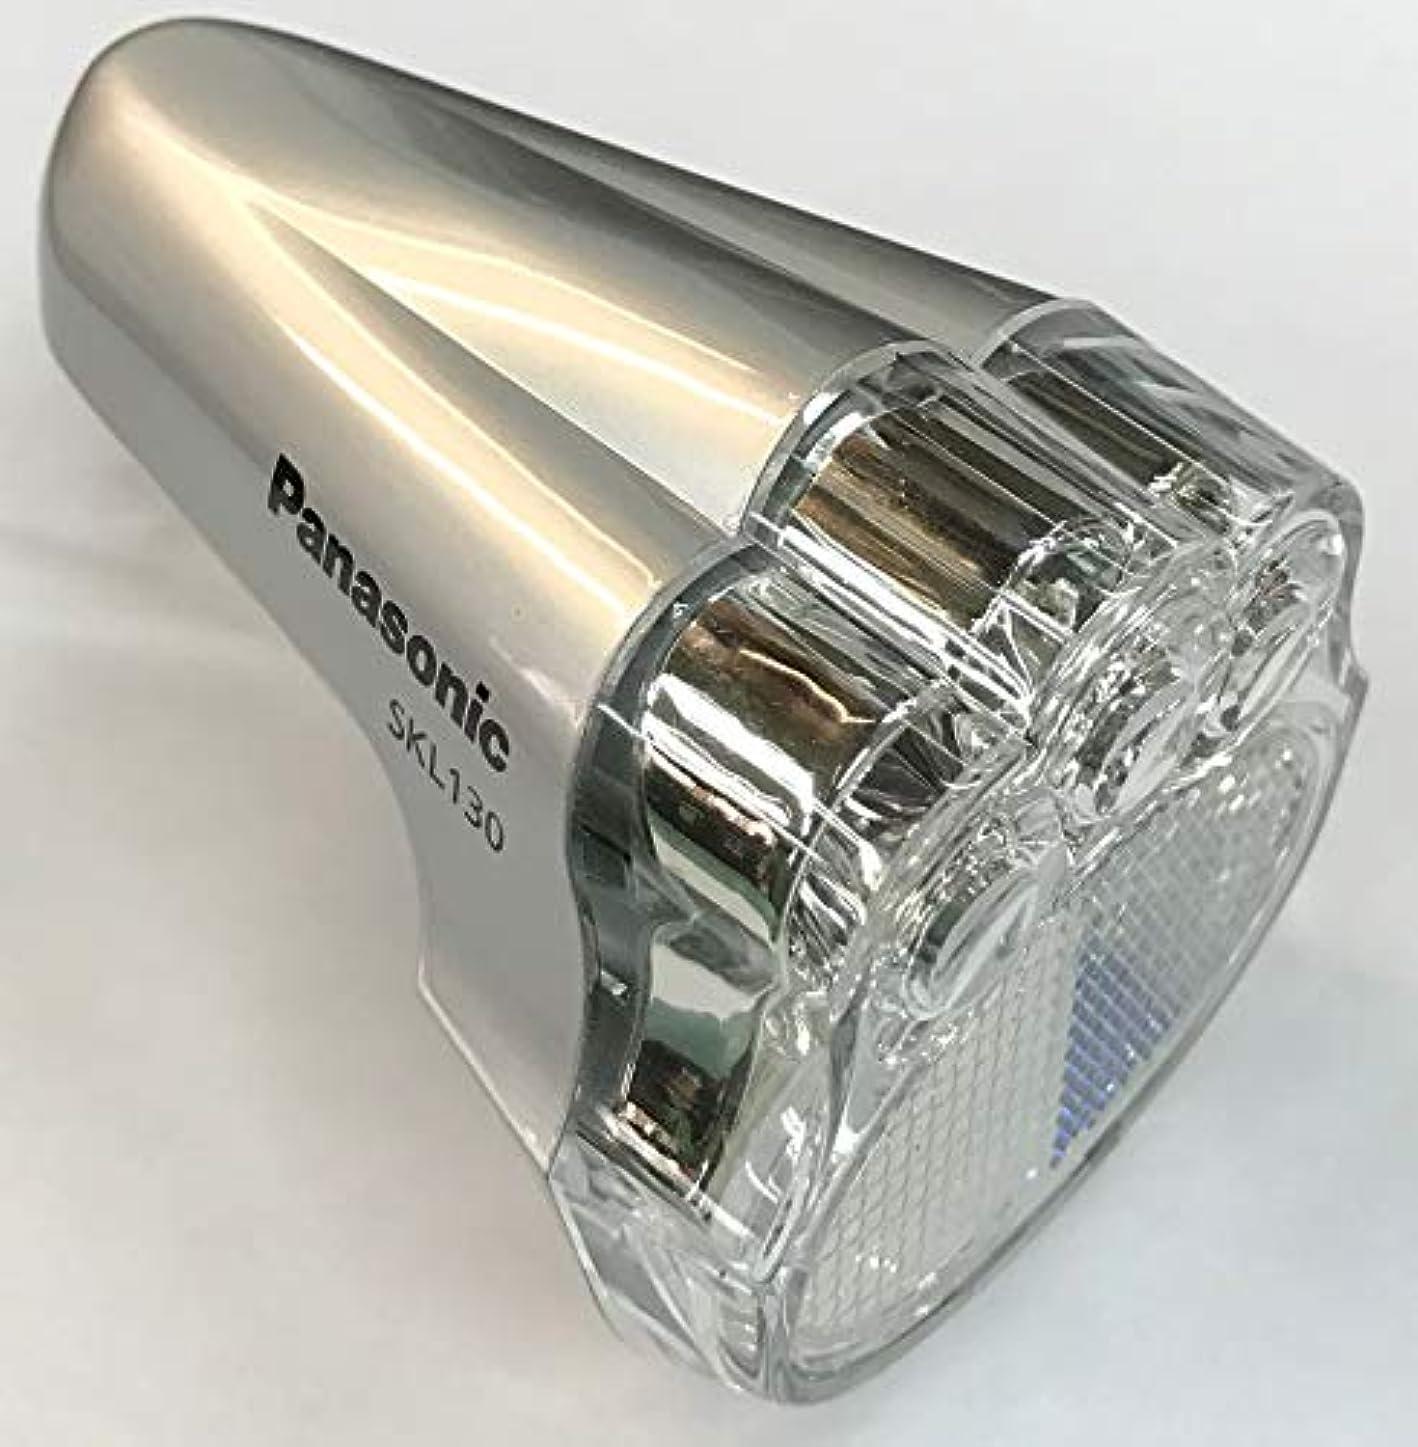 世界水没シャンパンPanasonic(パナソニック) SKL130S ハブダイナモ専用LEDライト シルバー フロントフォーク台座専用 SKL130S